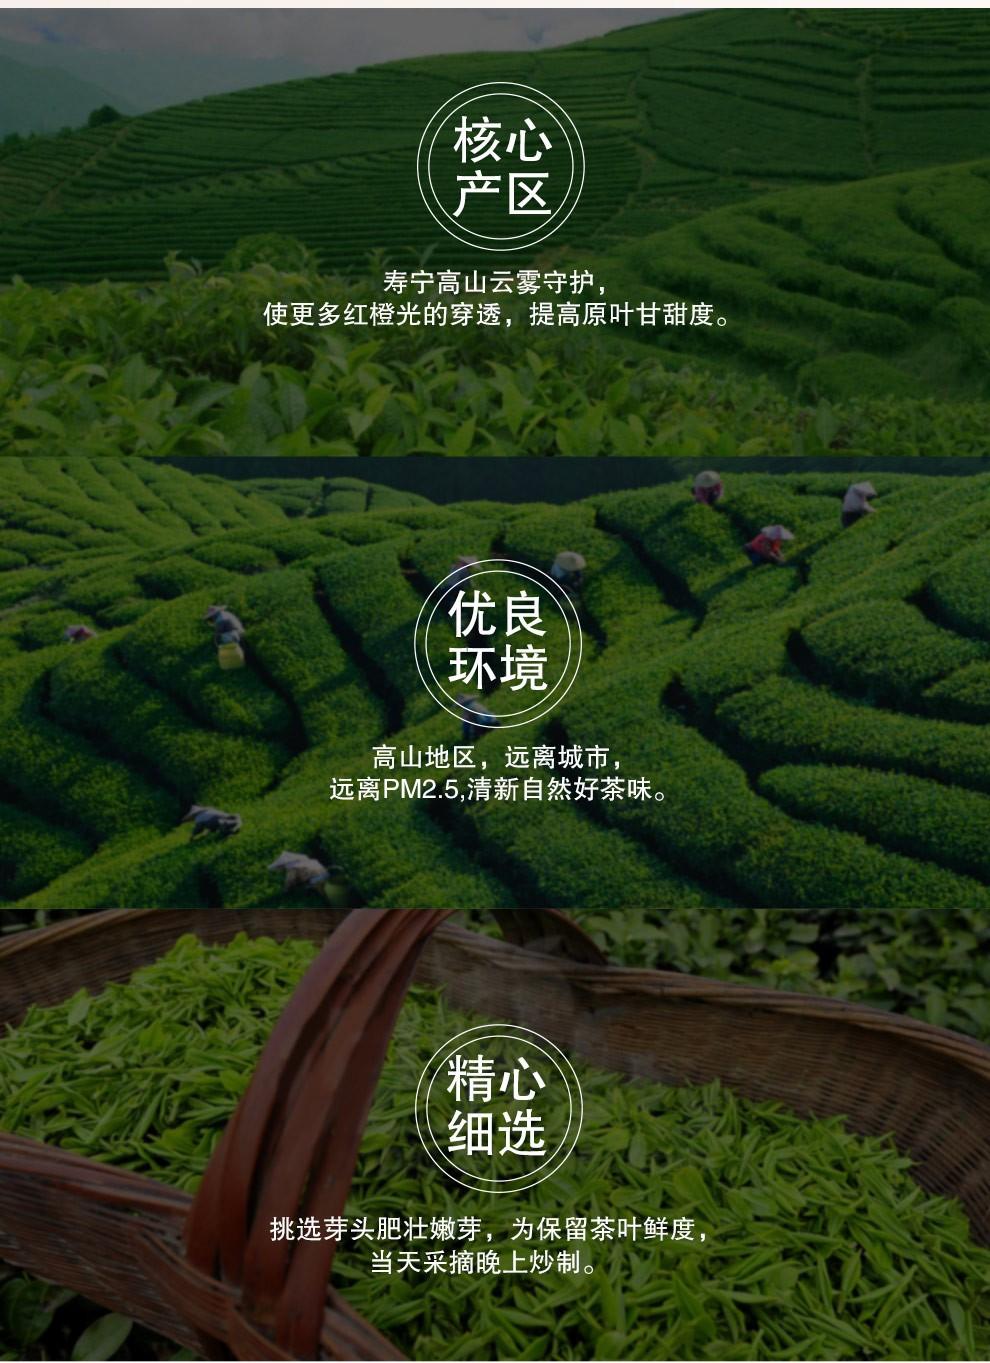 【宁德馆】梦龙韵 绿茶 高山云雾绿茶 明前春茶茶叶 2020年新茶 4罐500克